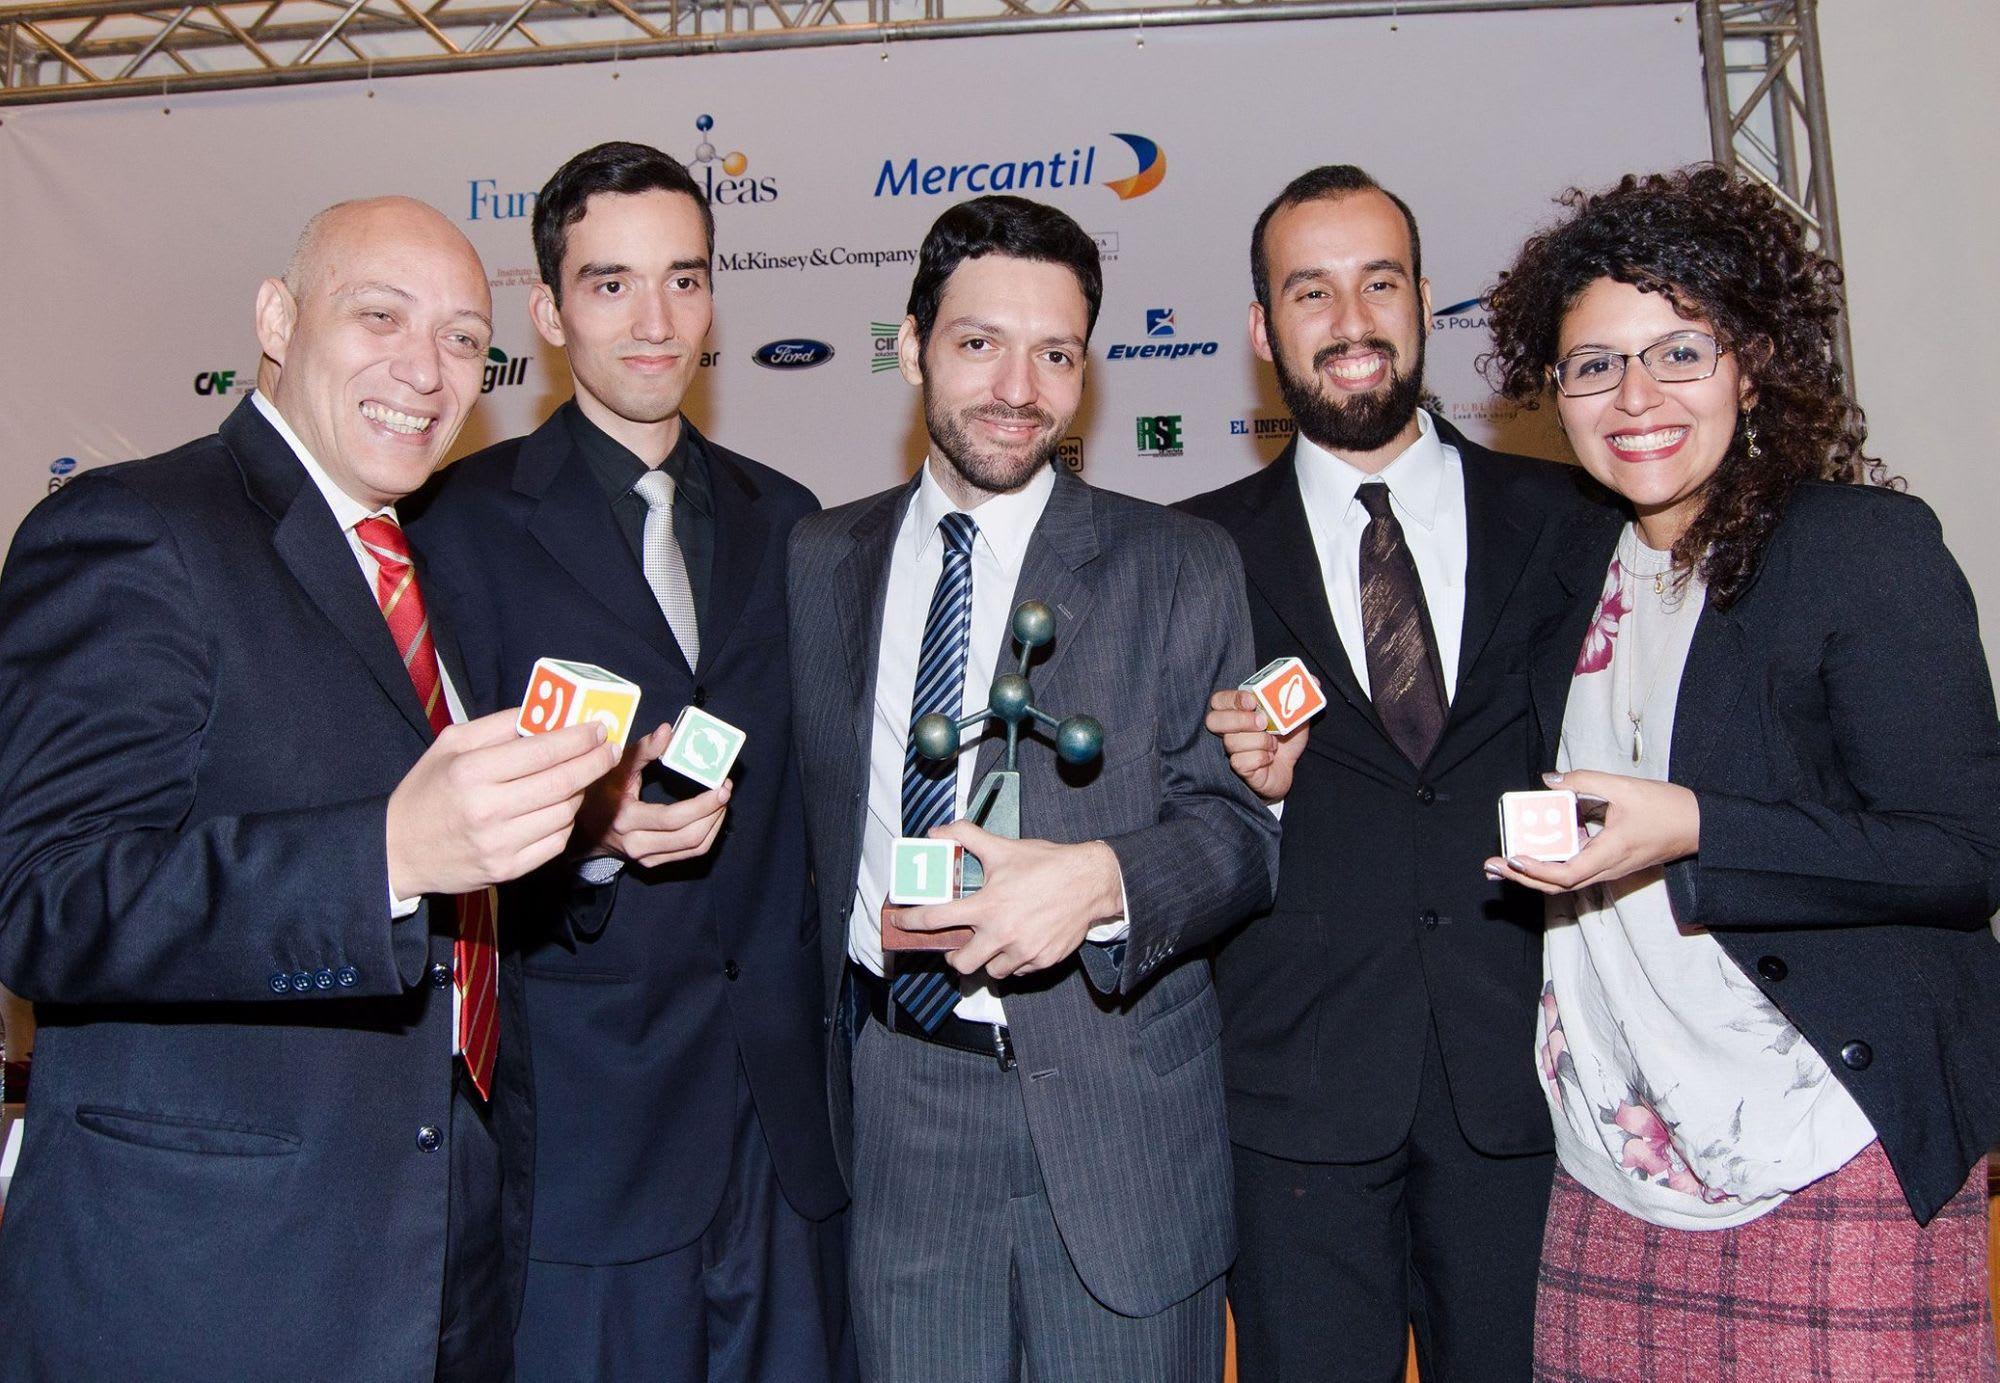 Equipo PleIQ recibiendo el 1er reconocimientocuando PleIQ solo era una idea, por el Concurso IDEAs en Caracas, Venezuela en.